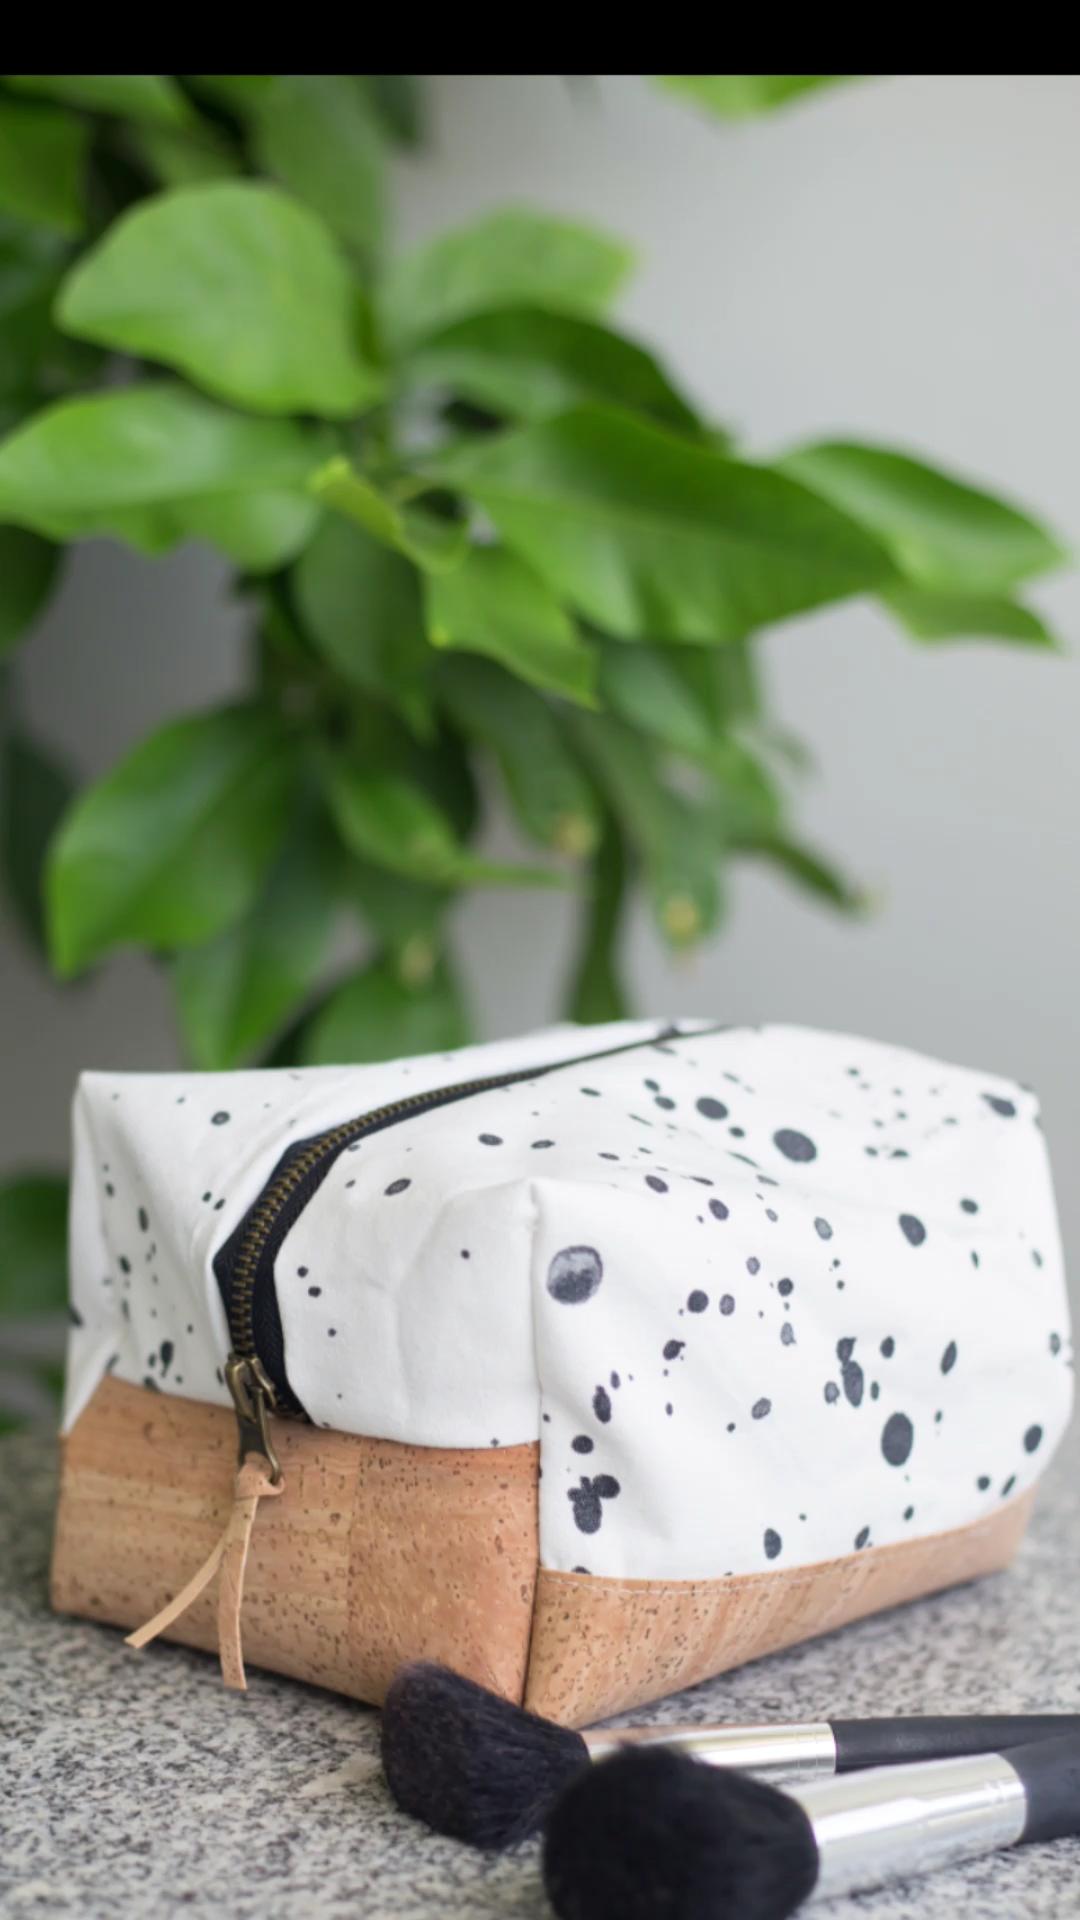 Couture du sac cosmétique carré bricolage vidéo avec du liège – tutoriel étape par étape facile    – DIY Nähideen und Schnittmuster / sewing patterns